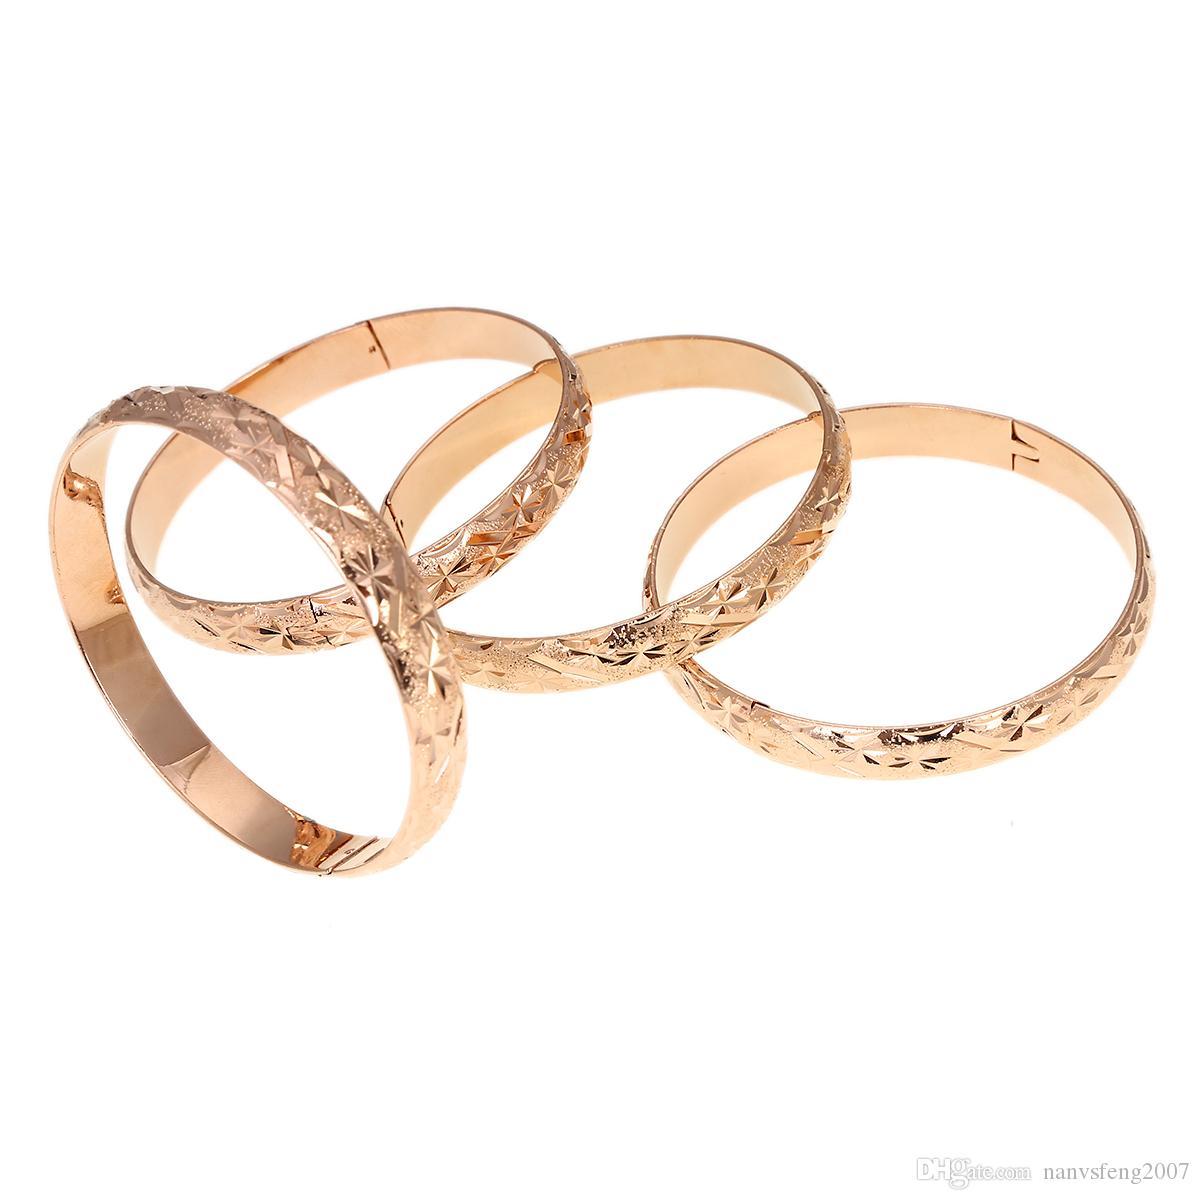 4 unids Rose Gold Fashion Color Dubai Gold Bangle Jewelry para Mujeres Hombres Color Oro Joyería Etíope Brazaletes Africanos Pulseras Joyería